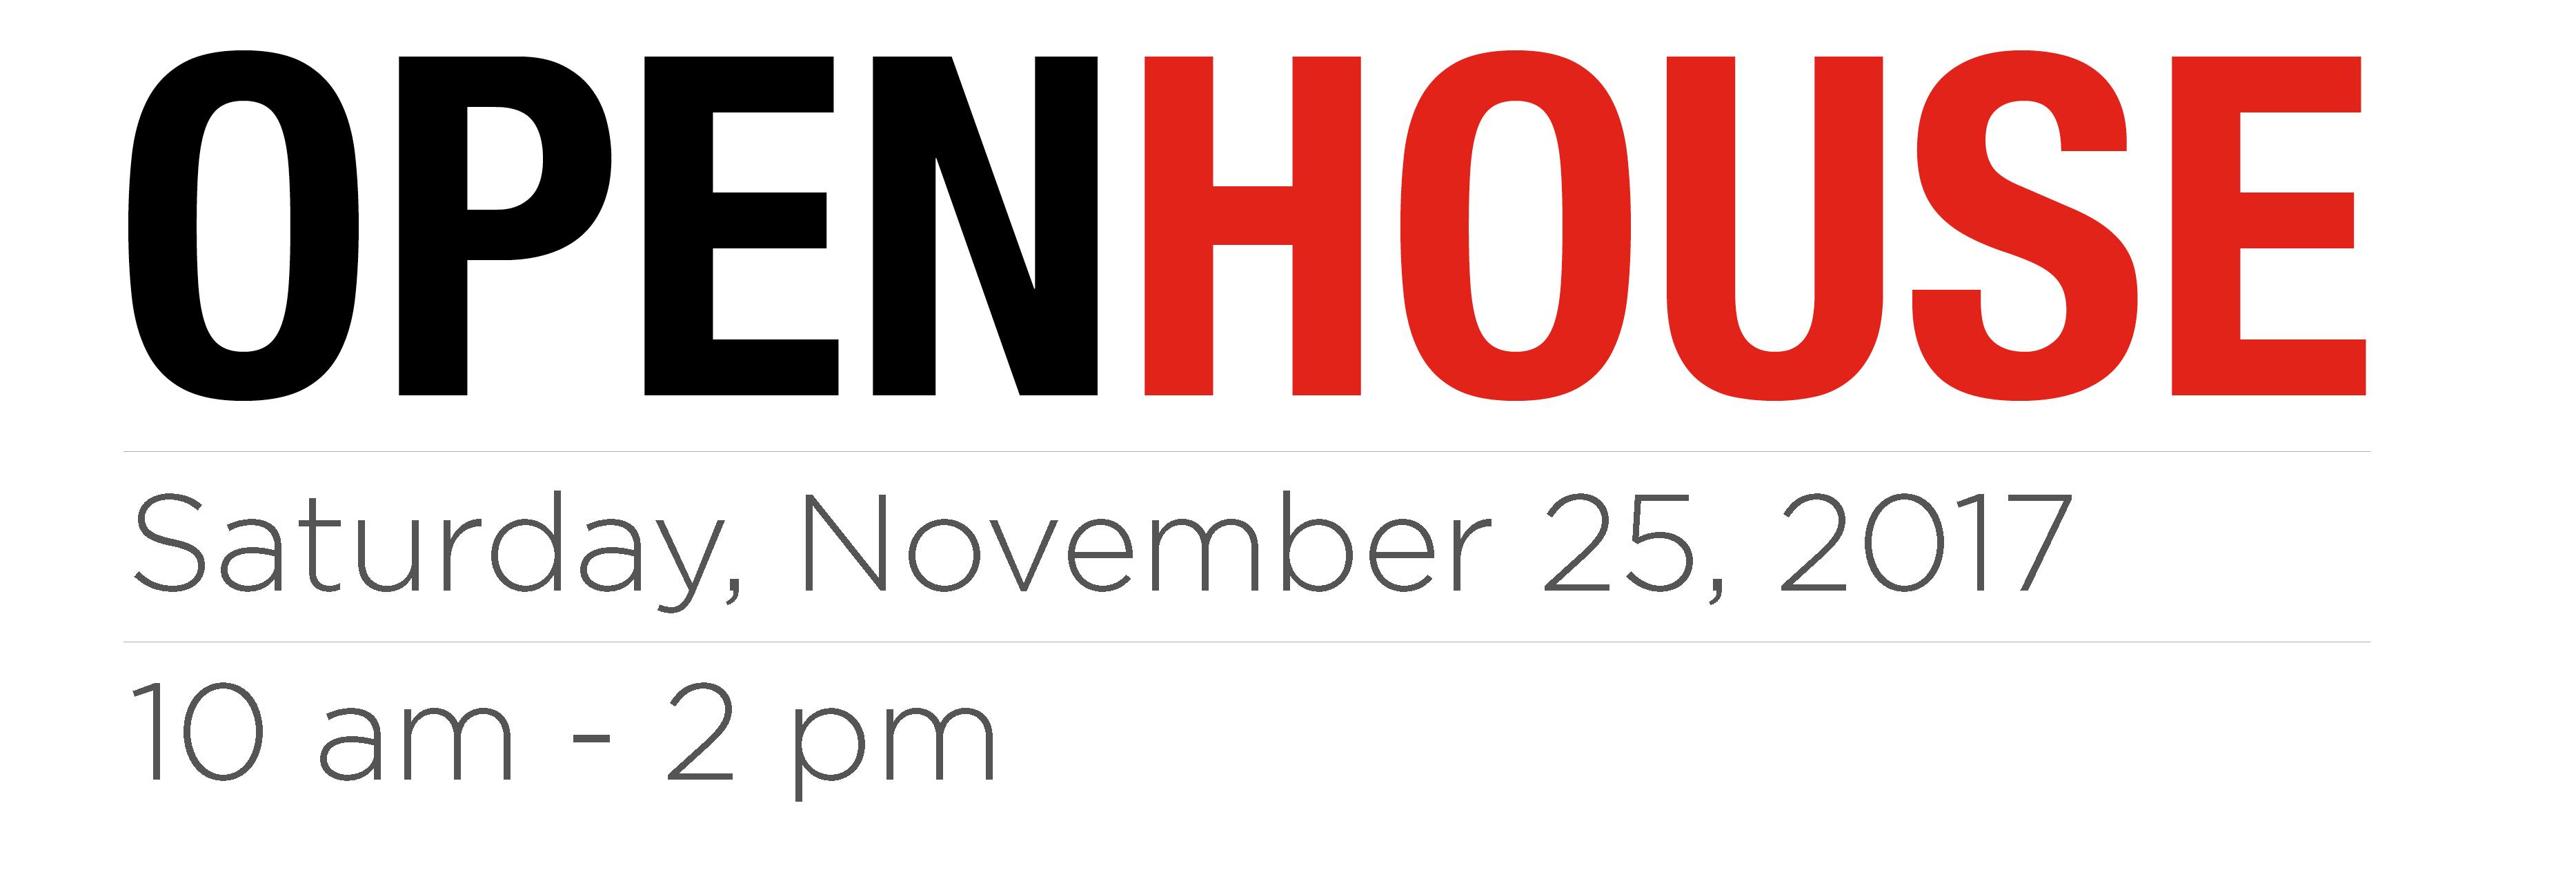 Open House Nov 25, 2017